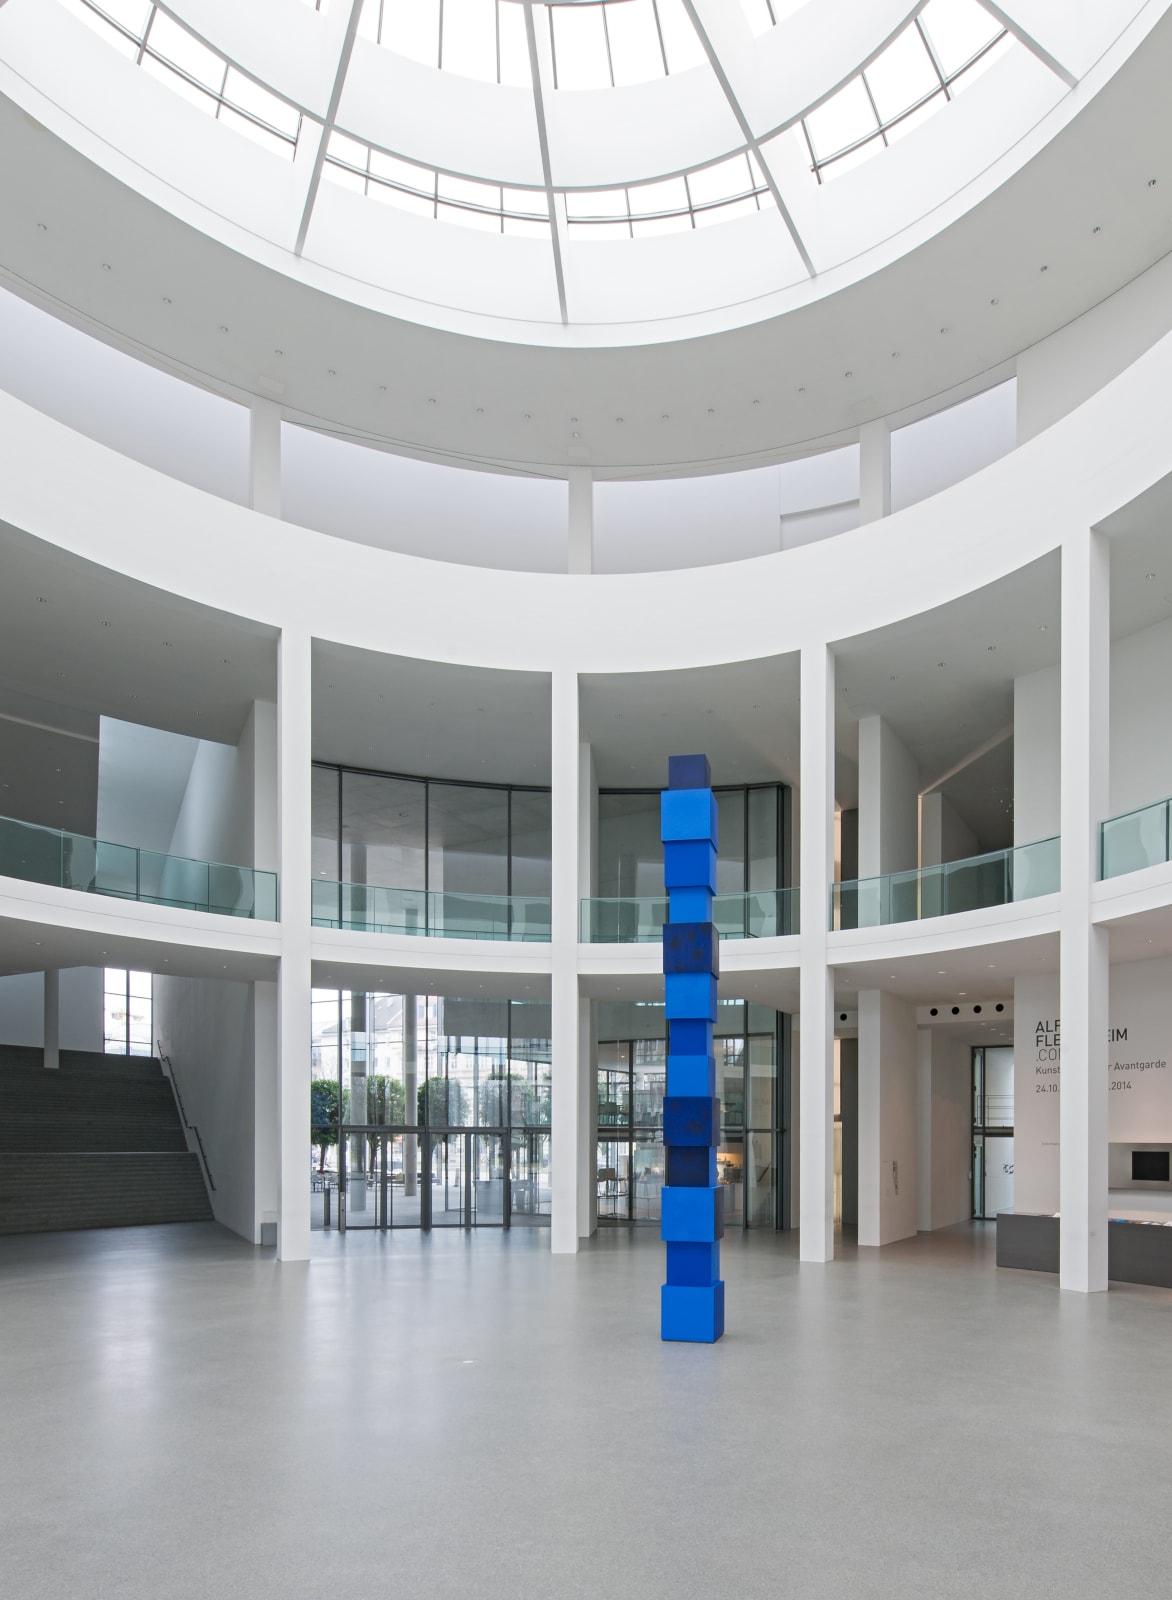 Pinakothek der Moderne München (2014) Photo: Nicole Wilhelms